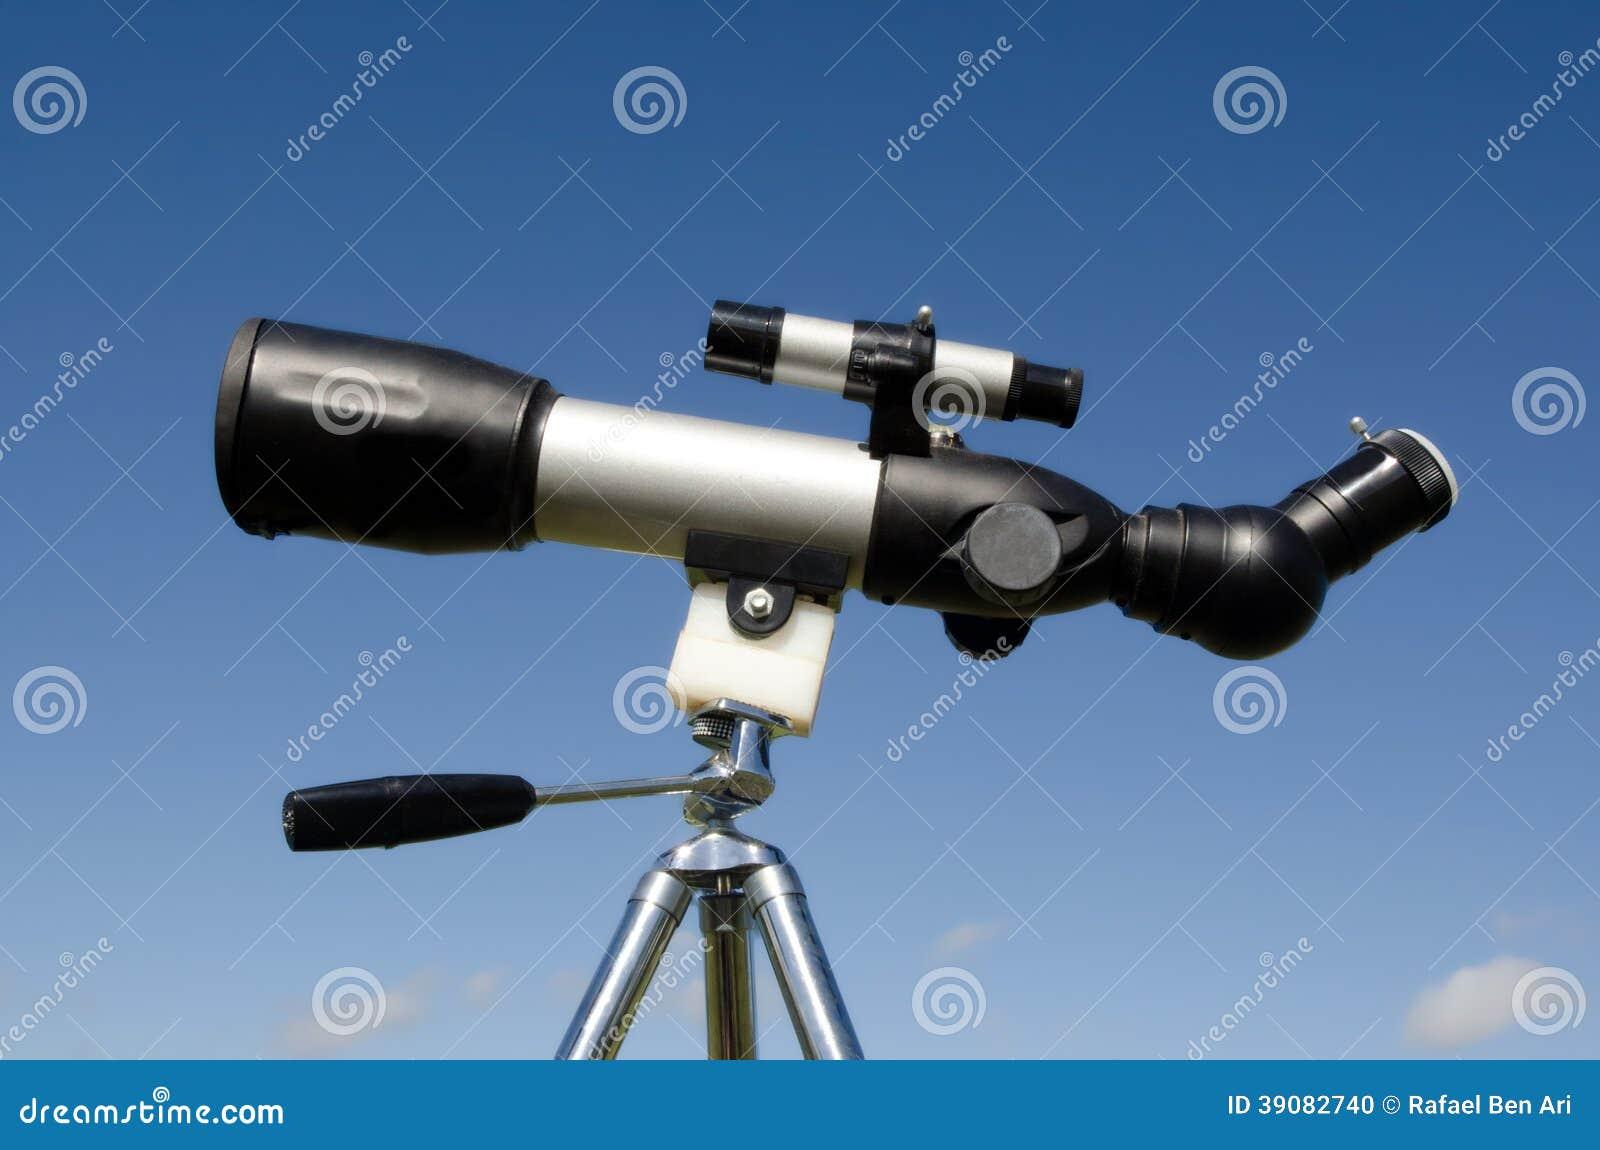 Teleskop auf stativ stockfoto bild von konzept instrument